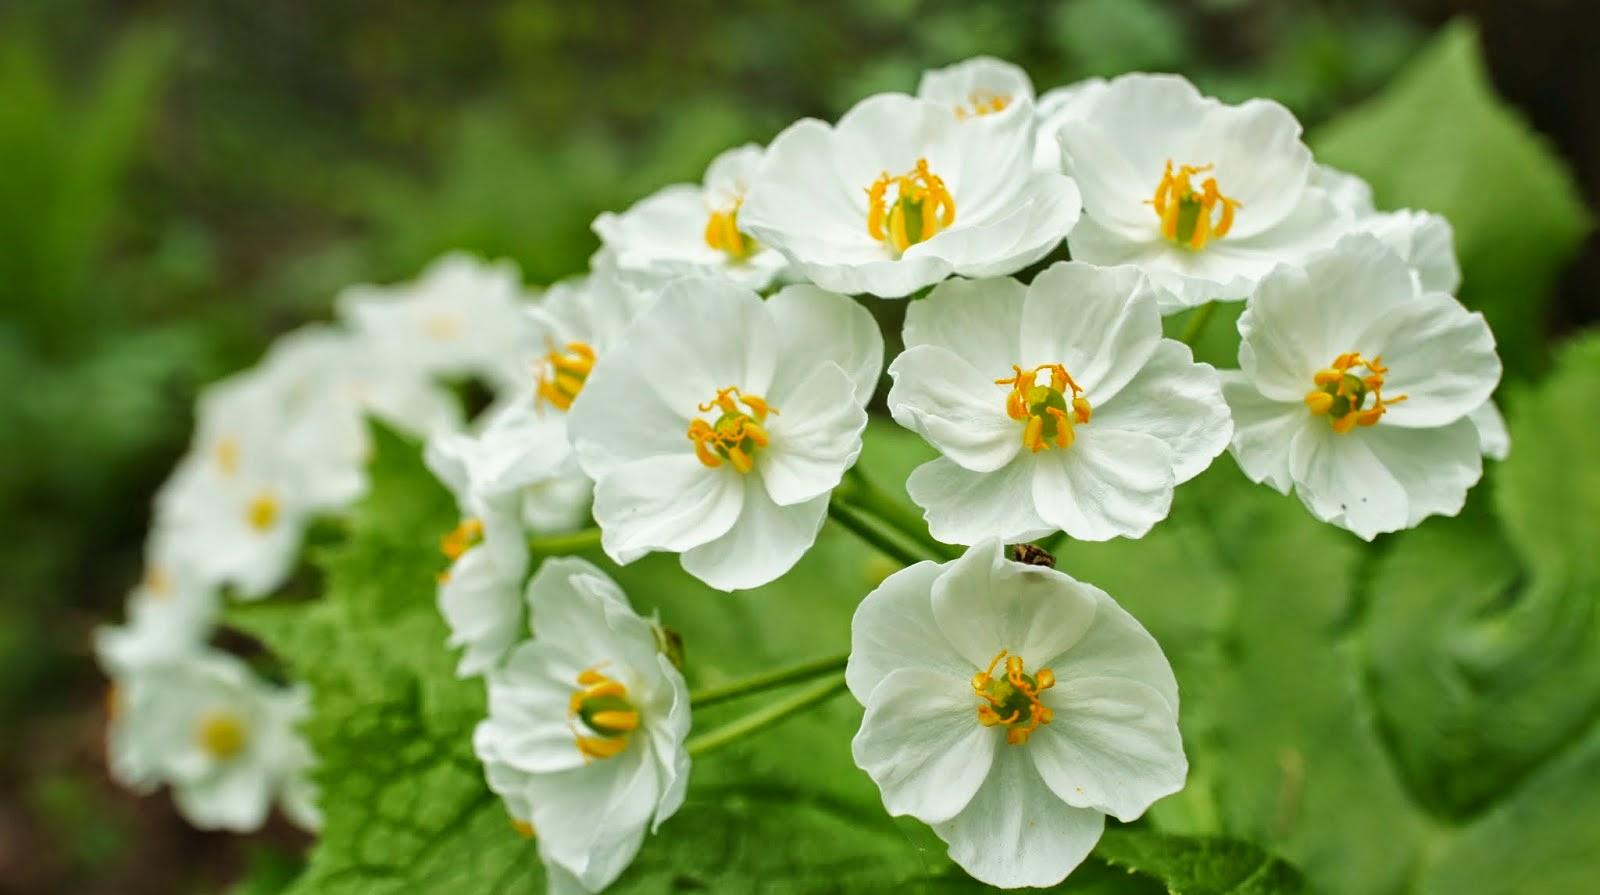 0b Diphylleia grayi, Bunga Ini Akan Berubah Transparan Jika Terkena Air